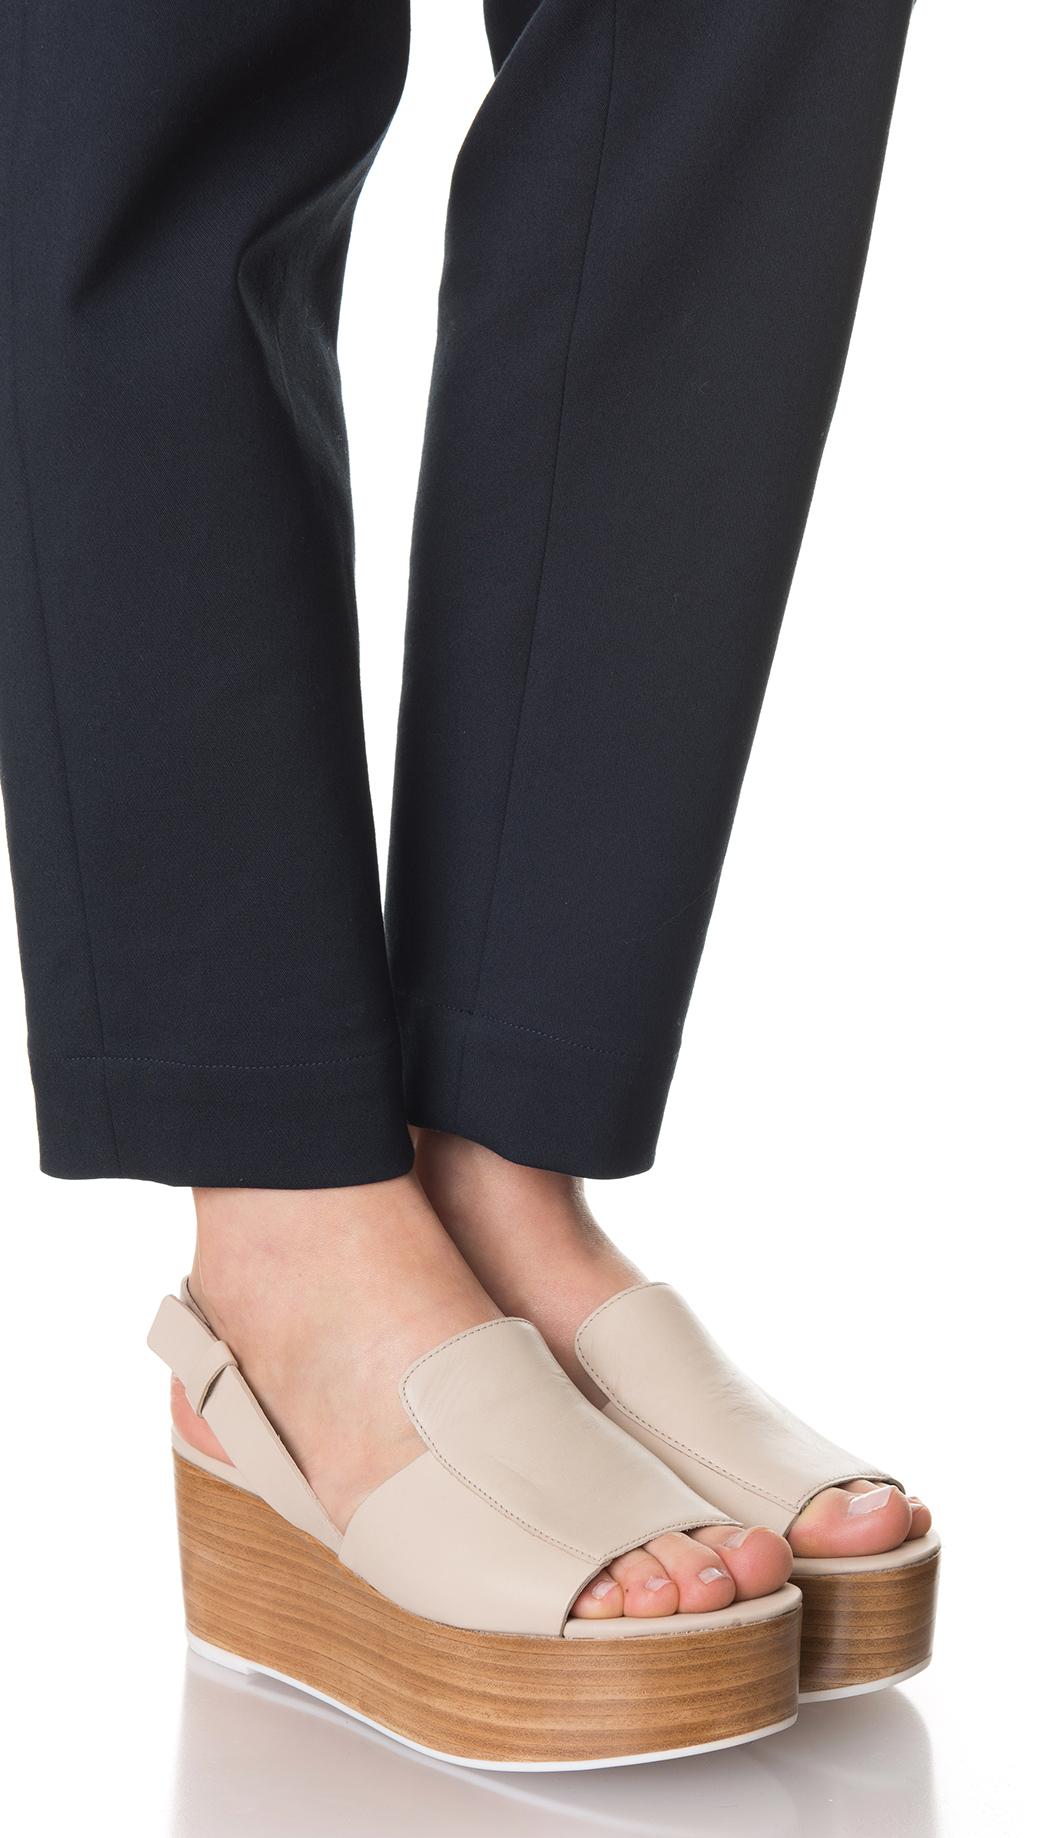 04598bb7a63 Tibi Alex Platform Sandals in White - Lyst